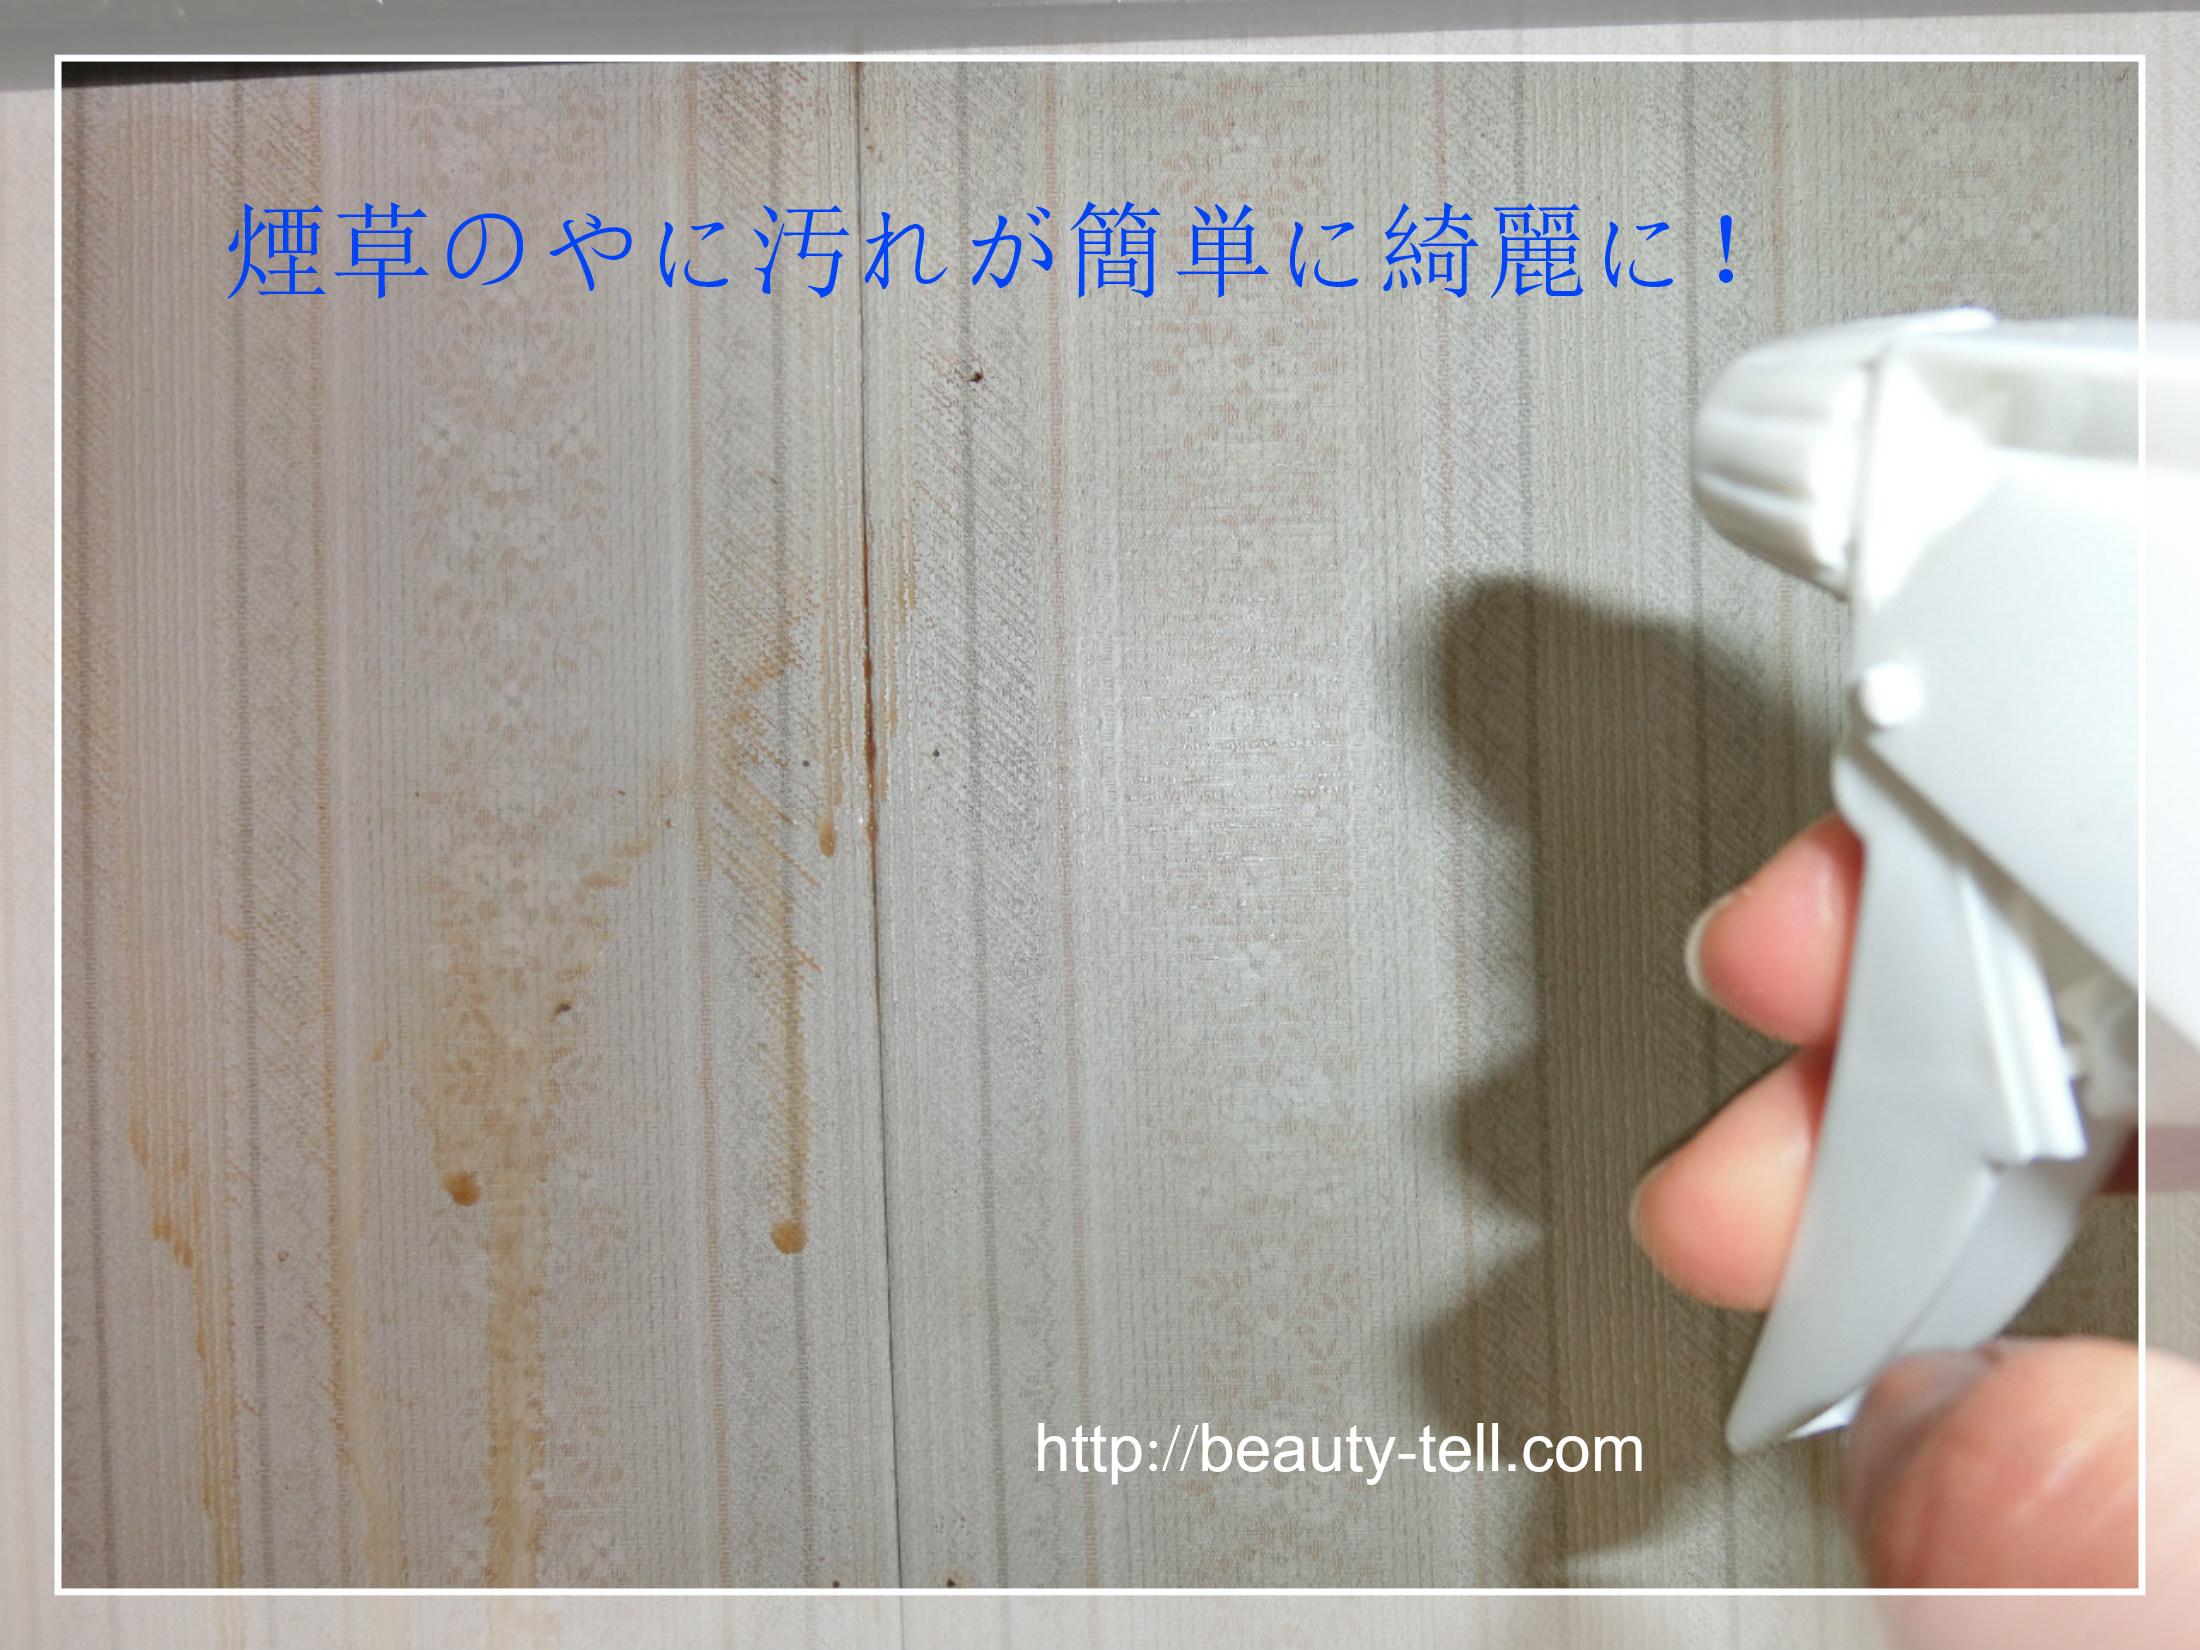 知らないと損 煙草のやにで汚れた壁を簡単に綺麗に落とす方法 美遊伝